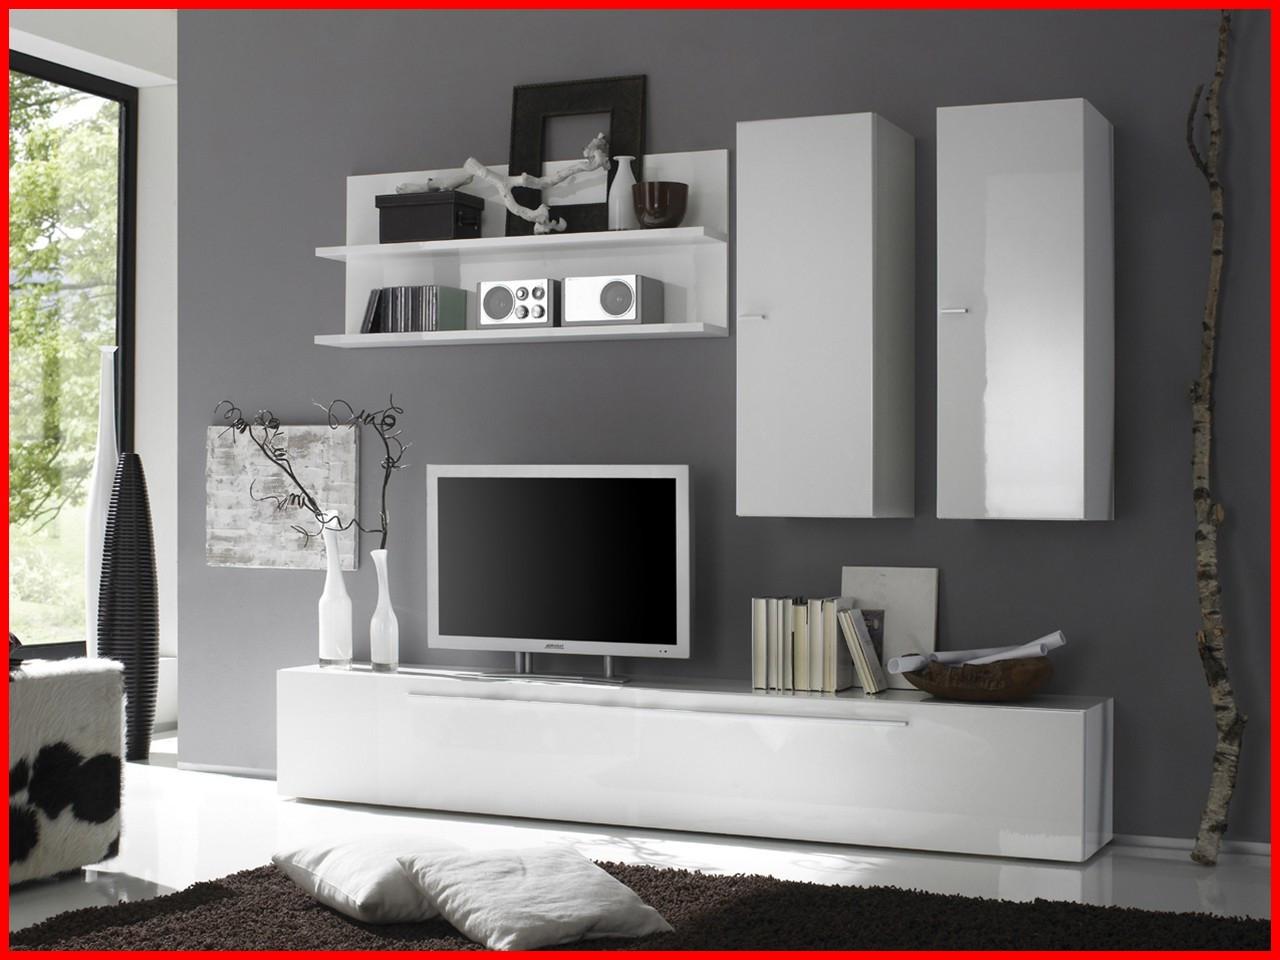 Muebles Salon Modernos Baratos Etdg Extraordinaire Muebles Salon Modernos Baratos 0